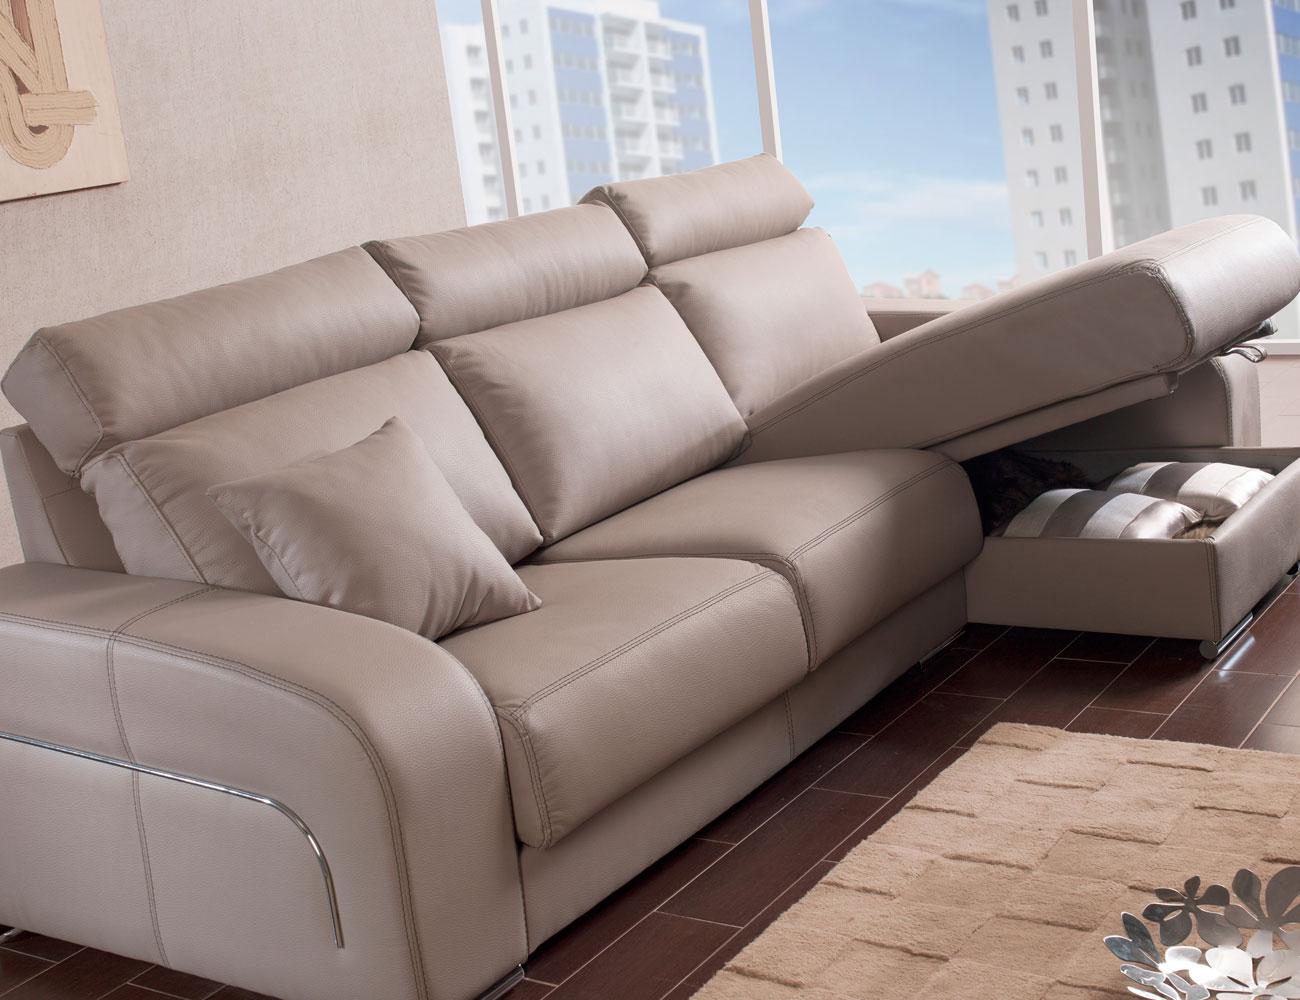 Sofa chaiselongue moderno pared cero arcon62